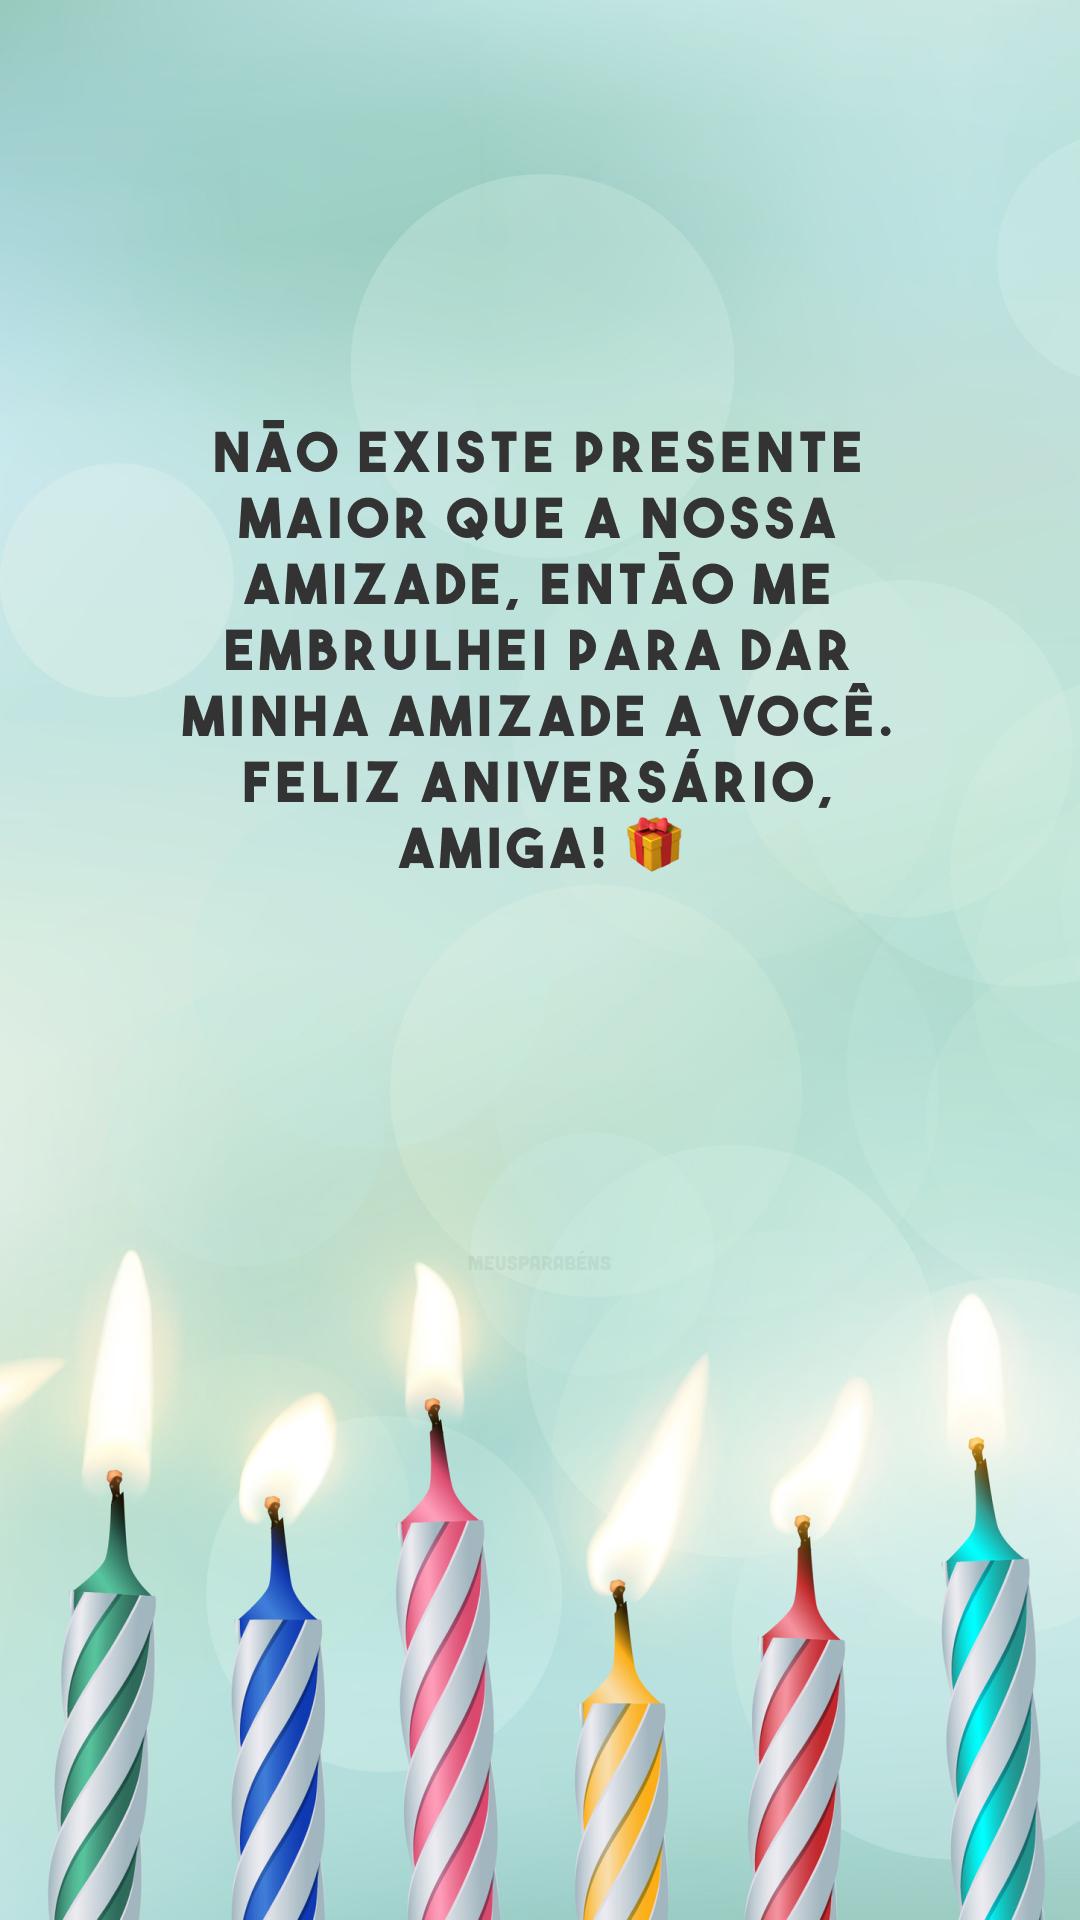 Não existe presente maior que a nossa amizade, então me embrulhei para dar minha amizade a você. Feliz aniversário, amiga! 🎁